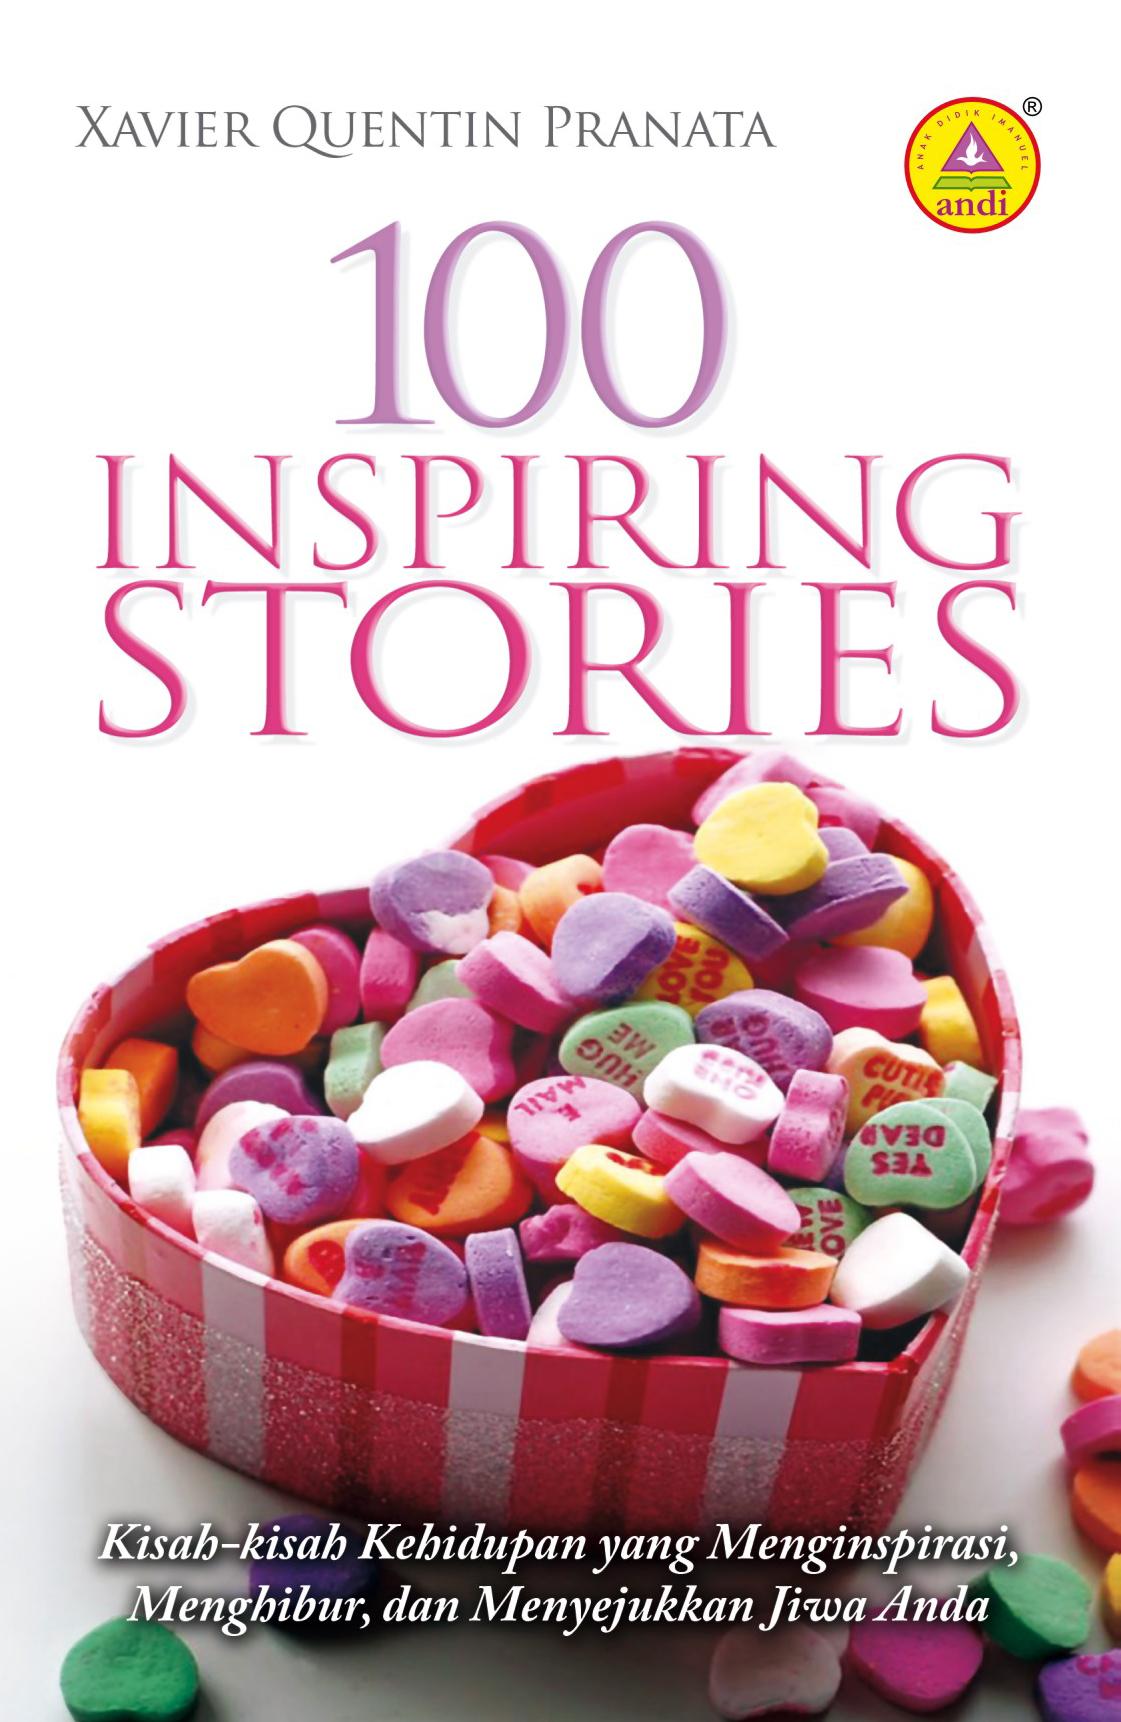 100 inspiring stories, kisah-kisah kehidupan yang menginspirasi, menghibur, dan menyejukkan jiwa anda [sumber elektronis]